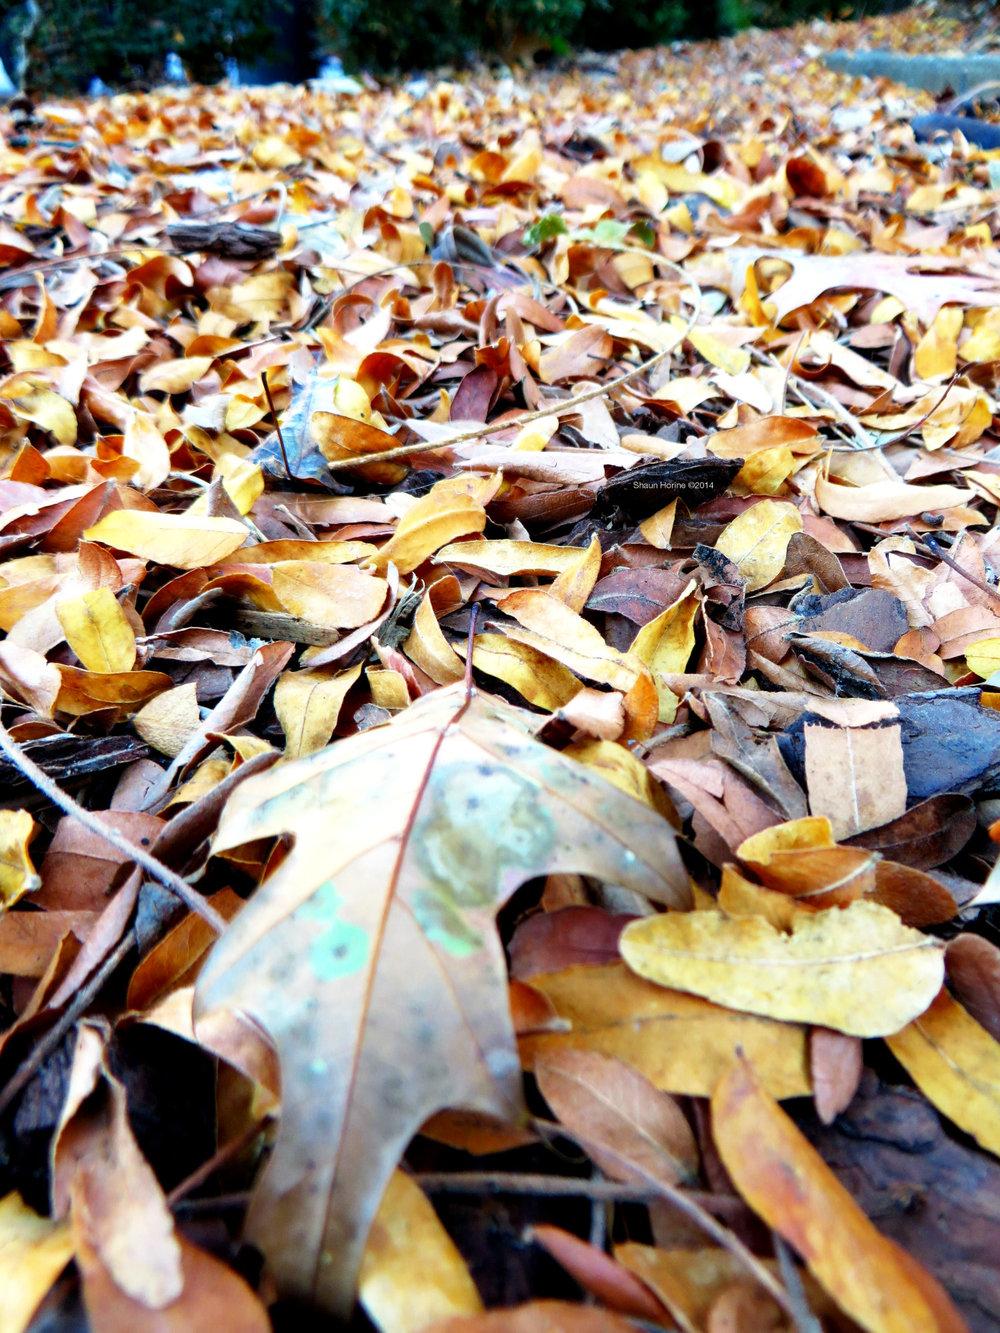 Fall is here. Baptist Hospital Lexington, KY. Canon SX280 HS